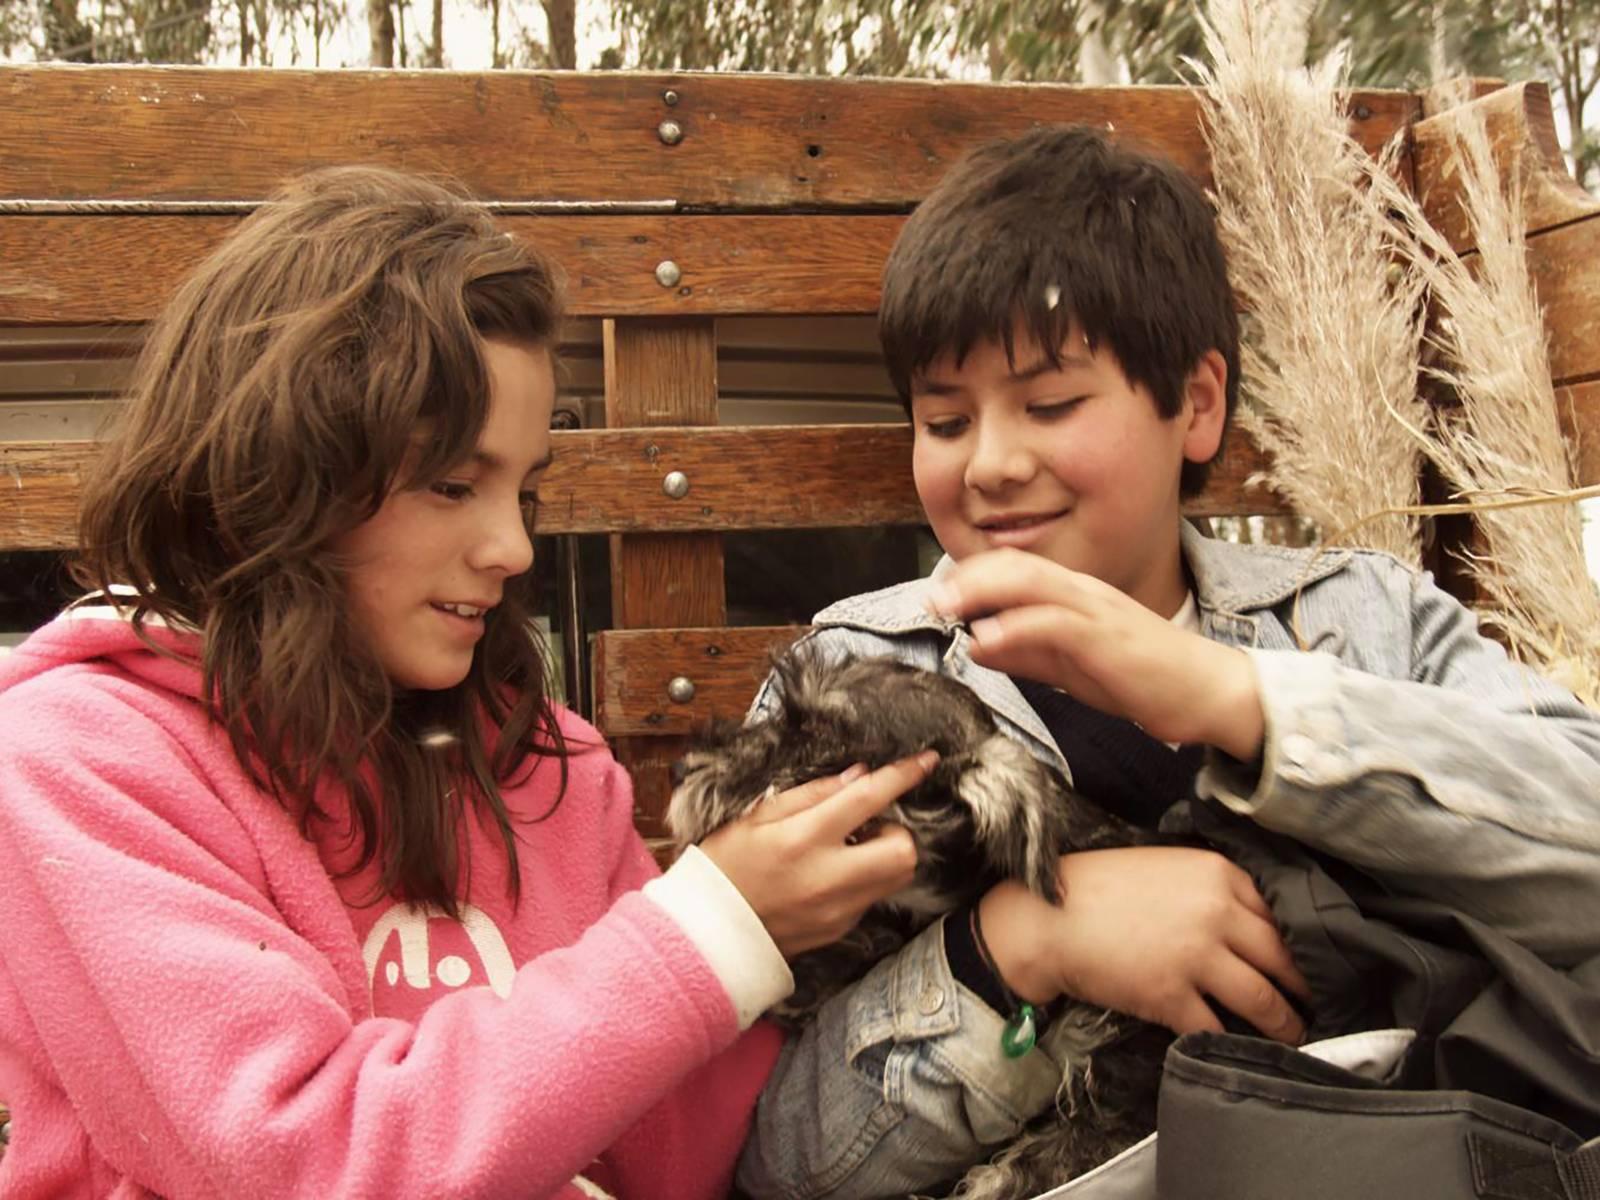 Ein Mädchen und ein Junge - beide zirka 10 Jahre alt - sitzen nebeneinander. Der Junge hält einen Hund in den Armen. Beide kraulen das Tier.